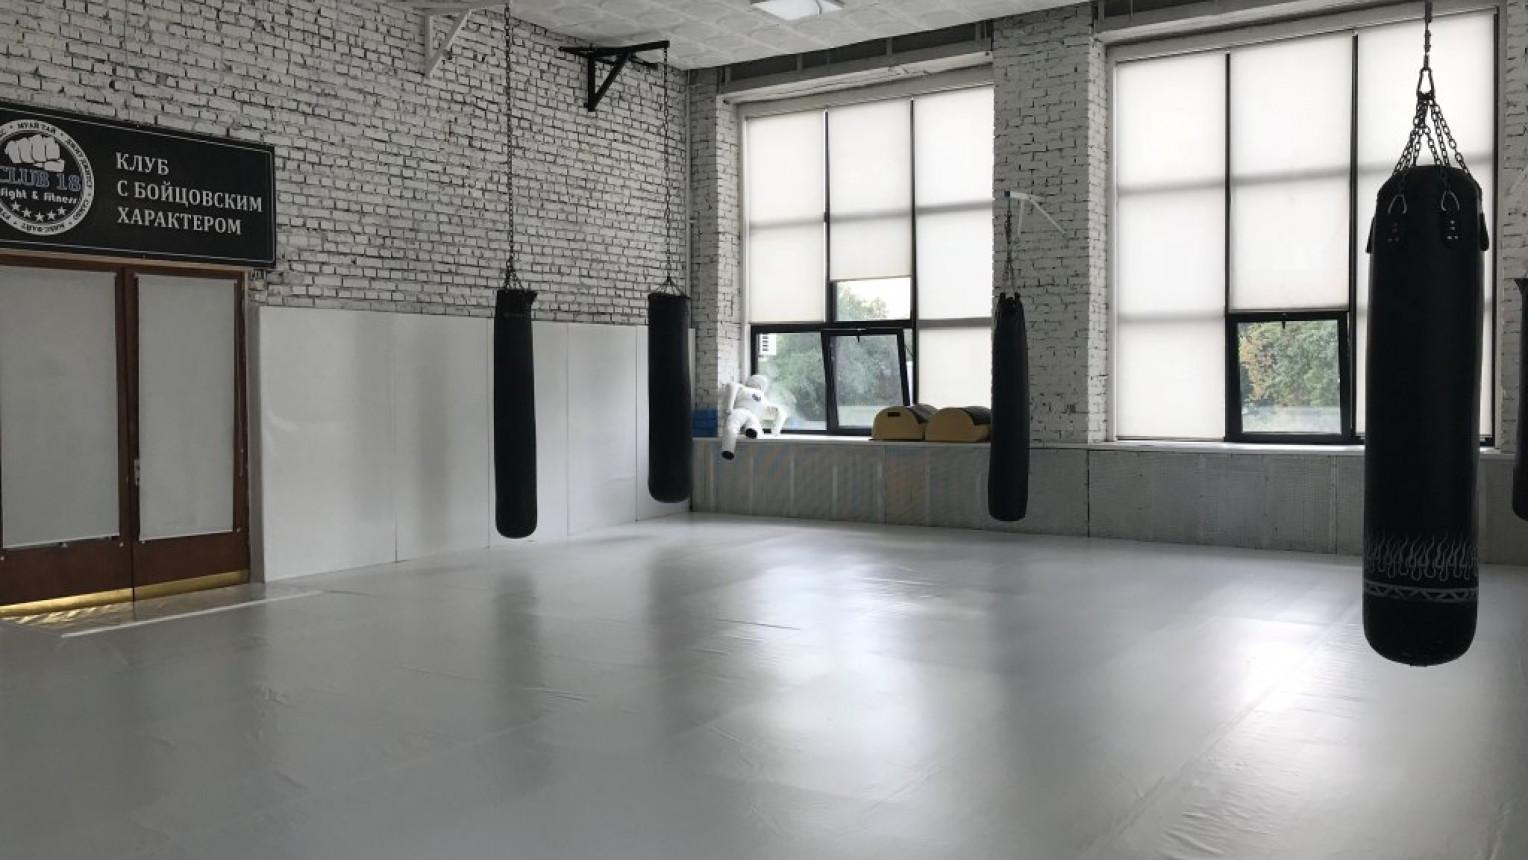 Мягкий зал №1 боевых искусств - фото №4